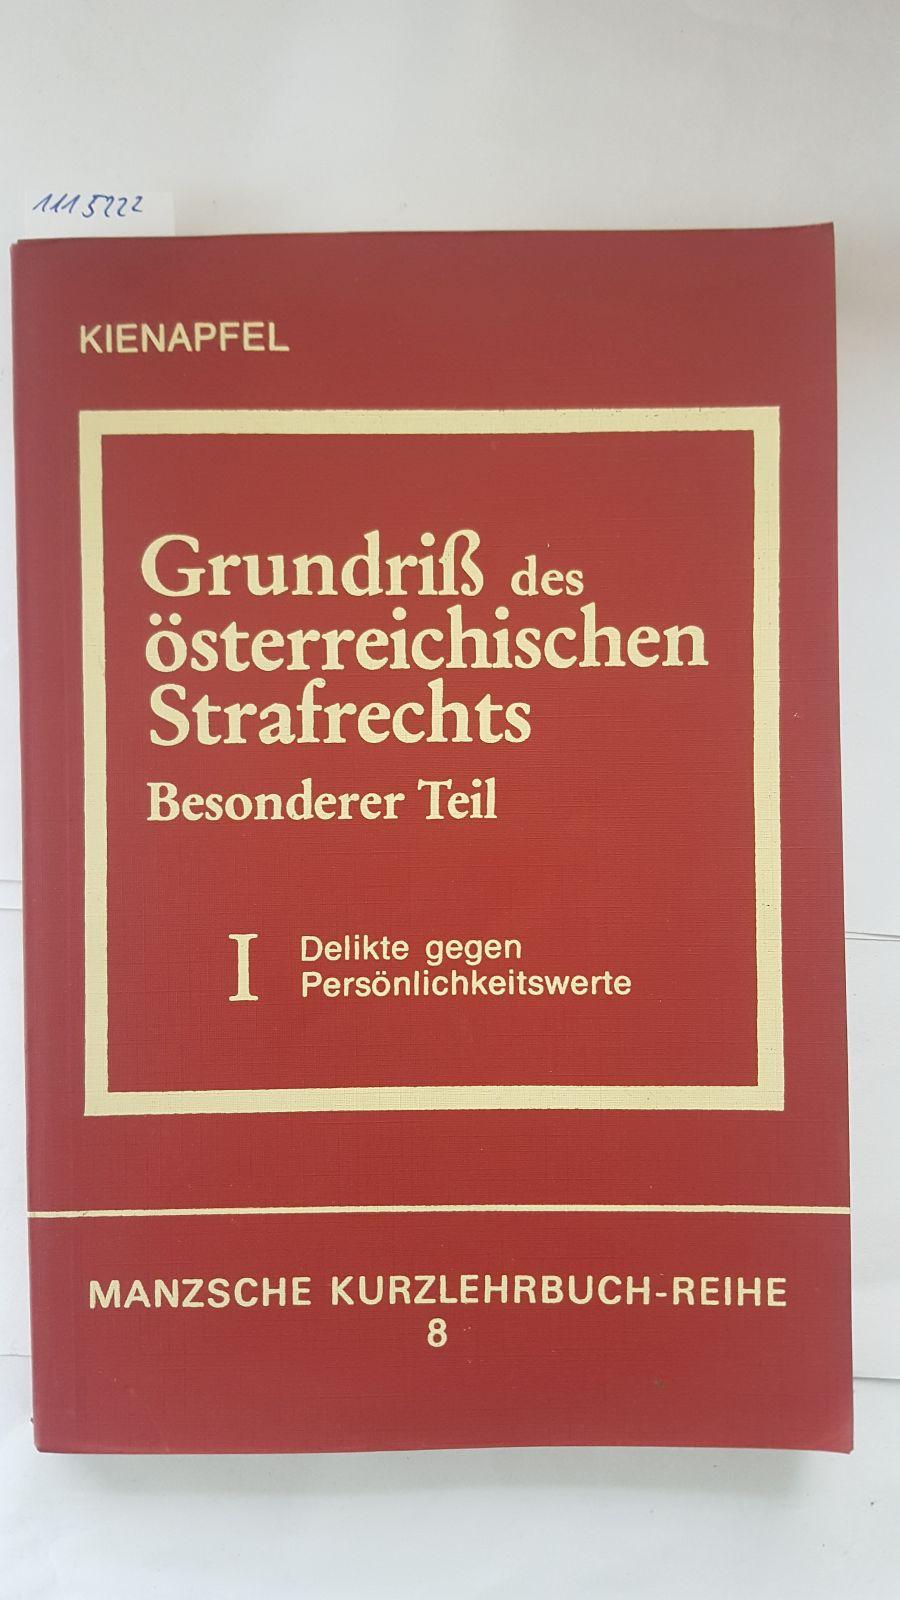 Grundriß des österreichischen Strafrechts (Besonderer Teil -: Dr. Diethelm Kienapfel: